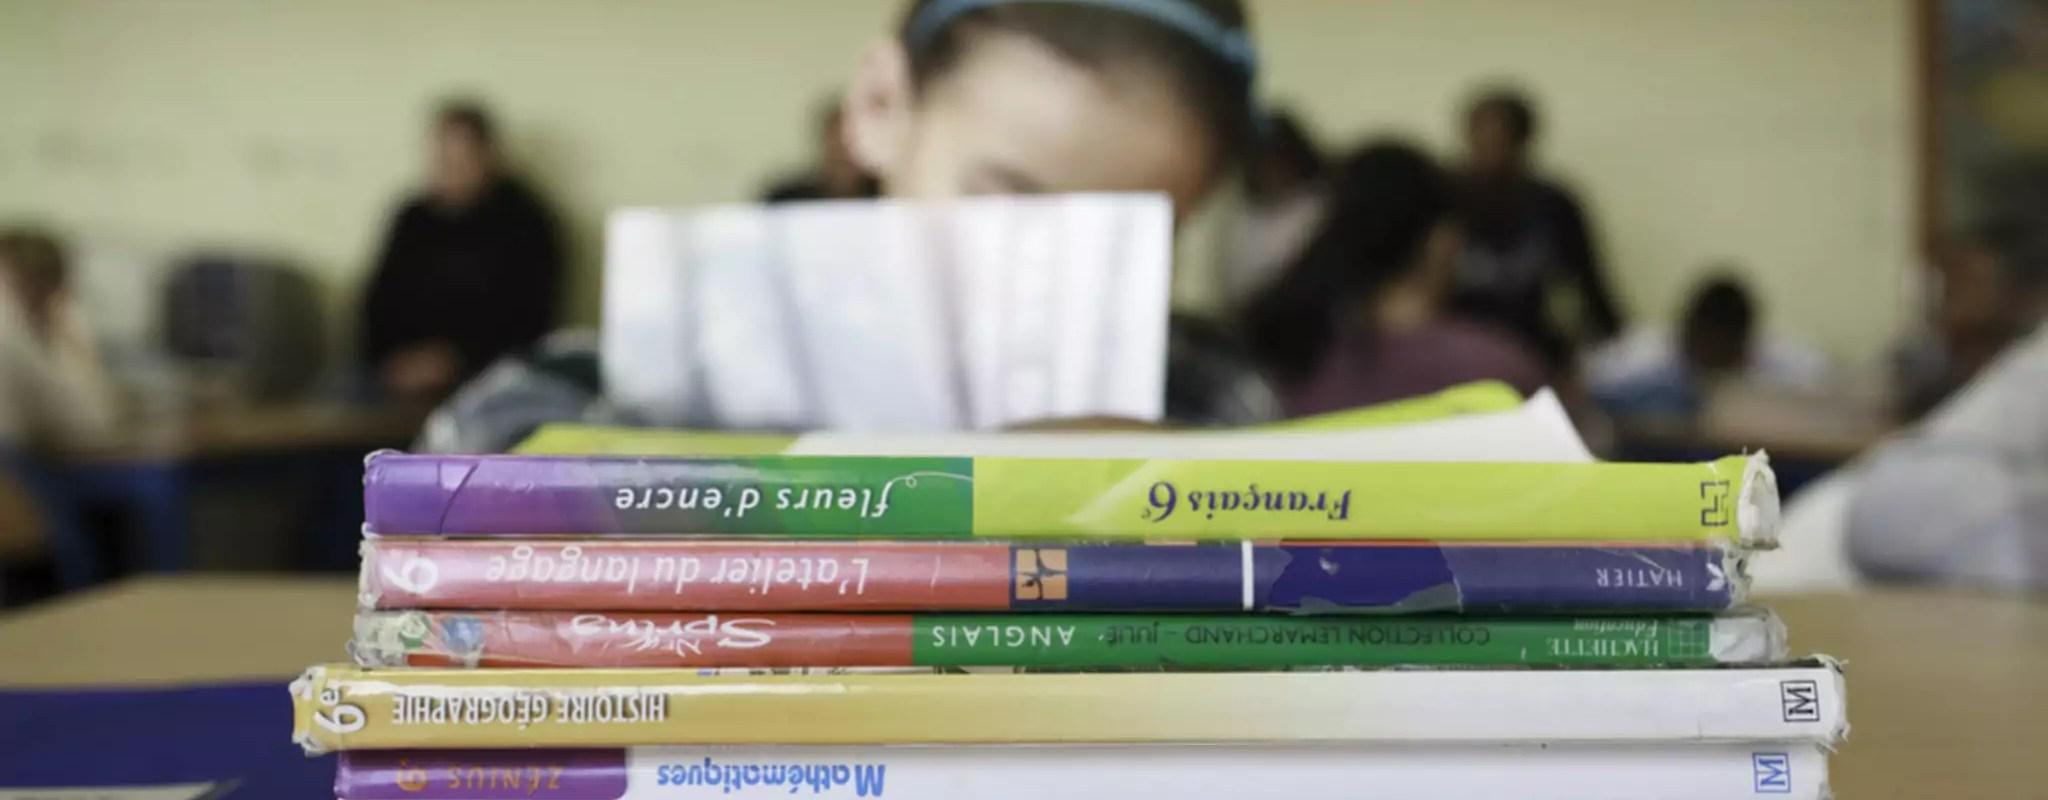 Faute de moyens, les «vacances apprenantes» peinent à cibler les élèves décrocheurs